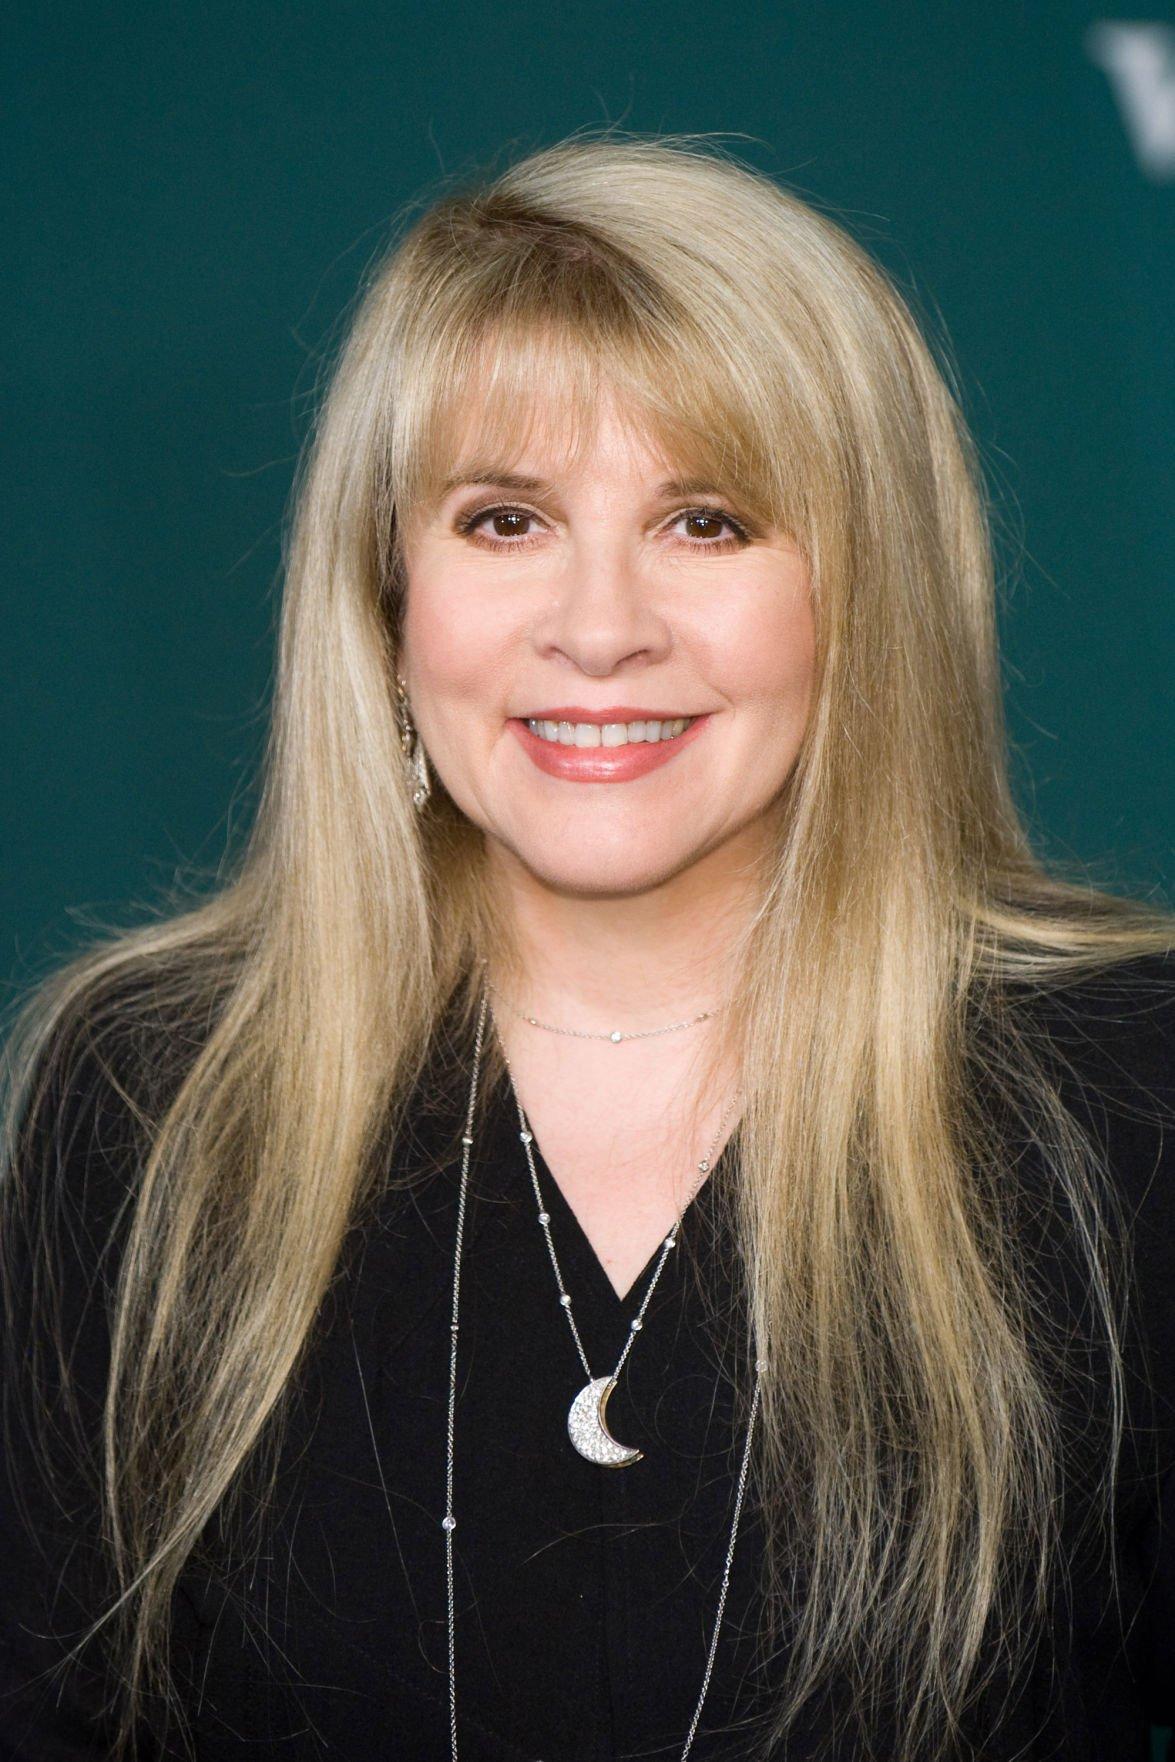 Stevie Nicks headed to New Orleans Bossier